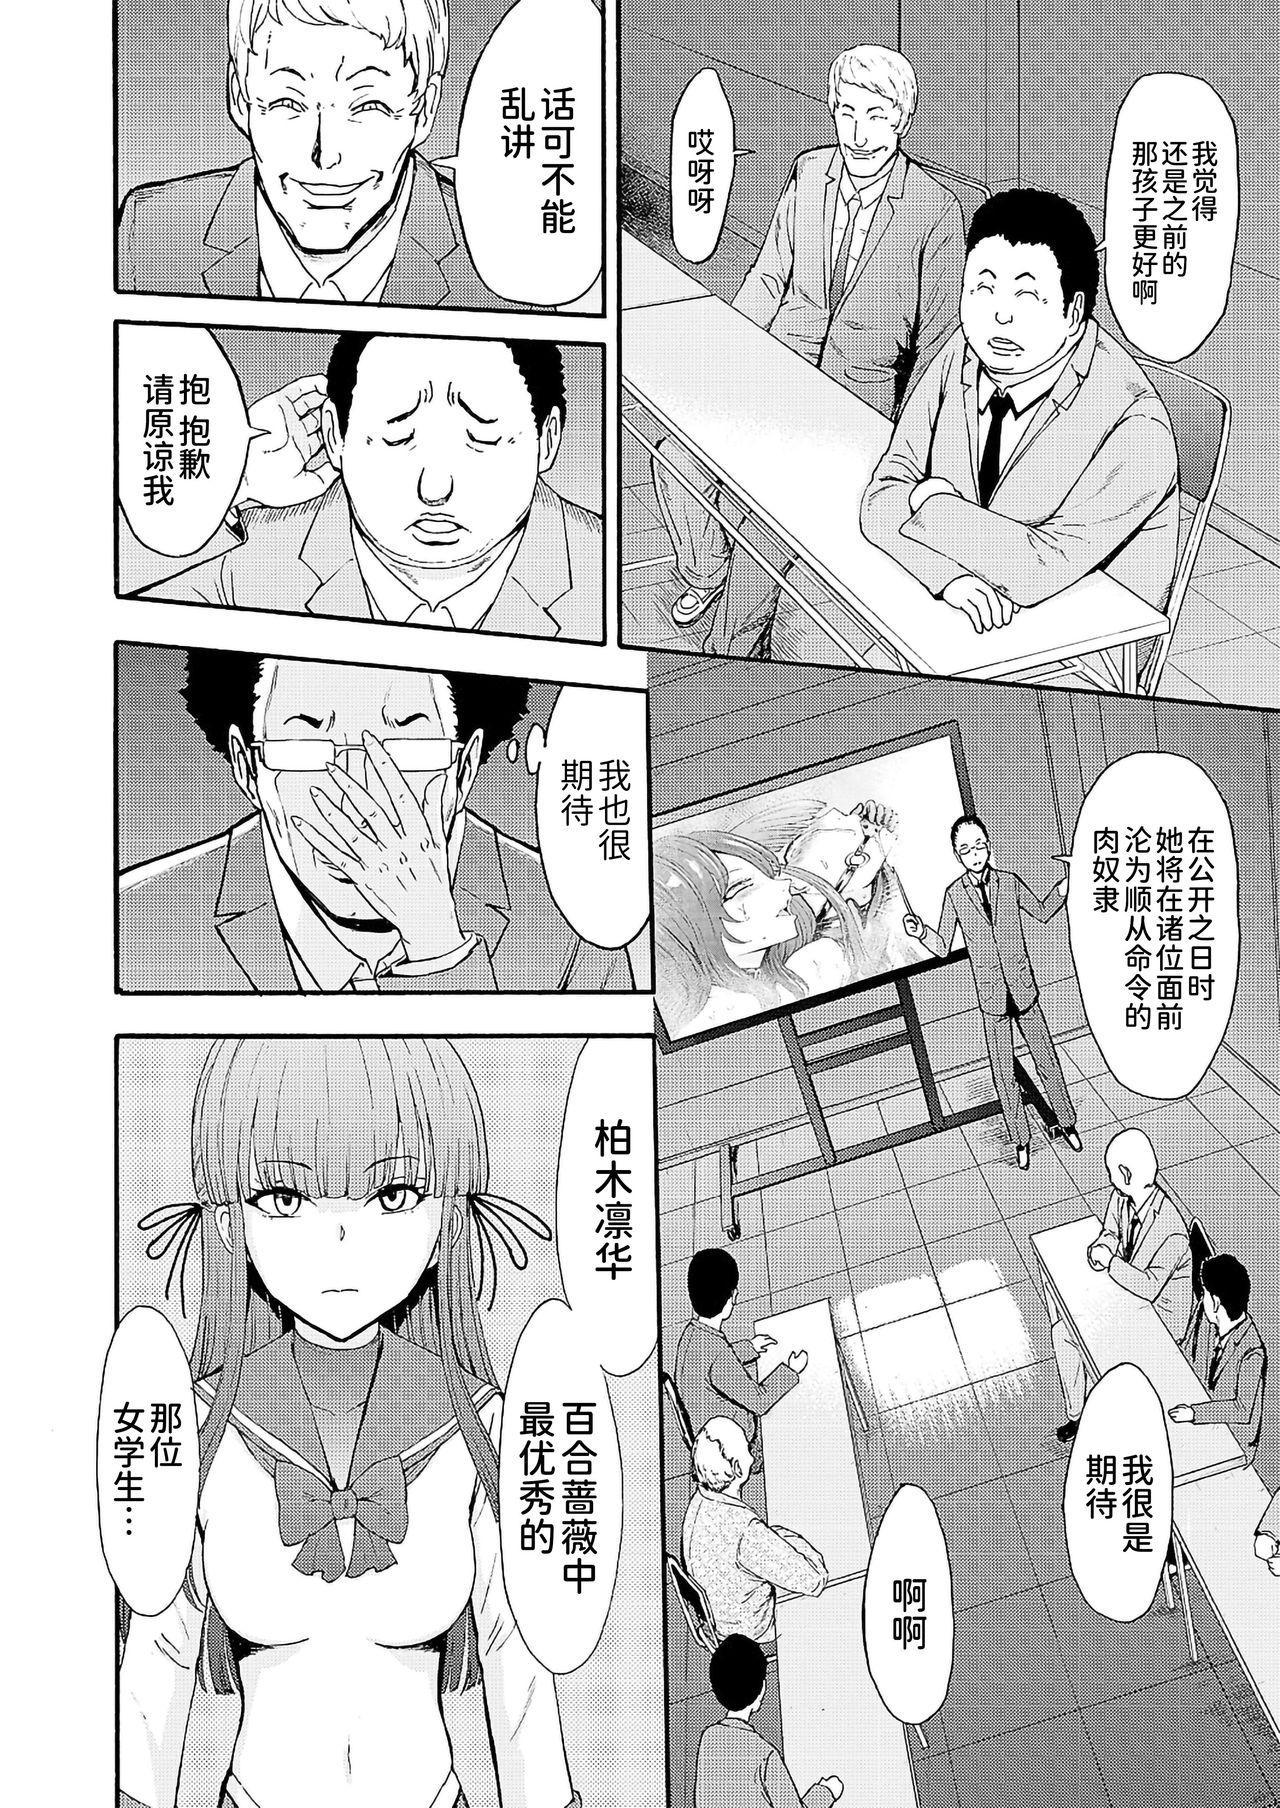 Yami Seito Kaichou Ch. 3 15